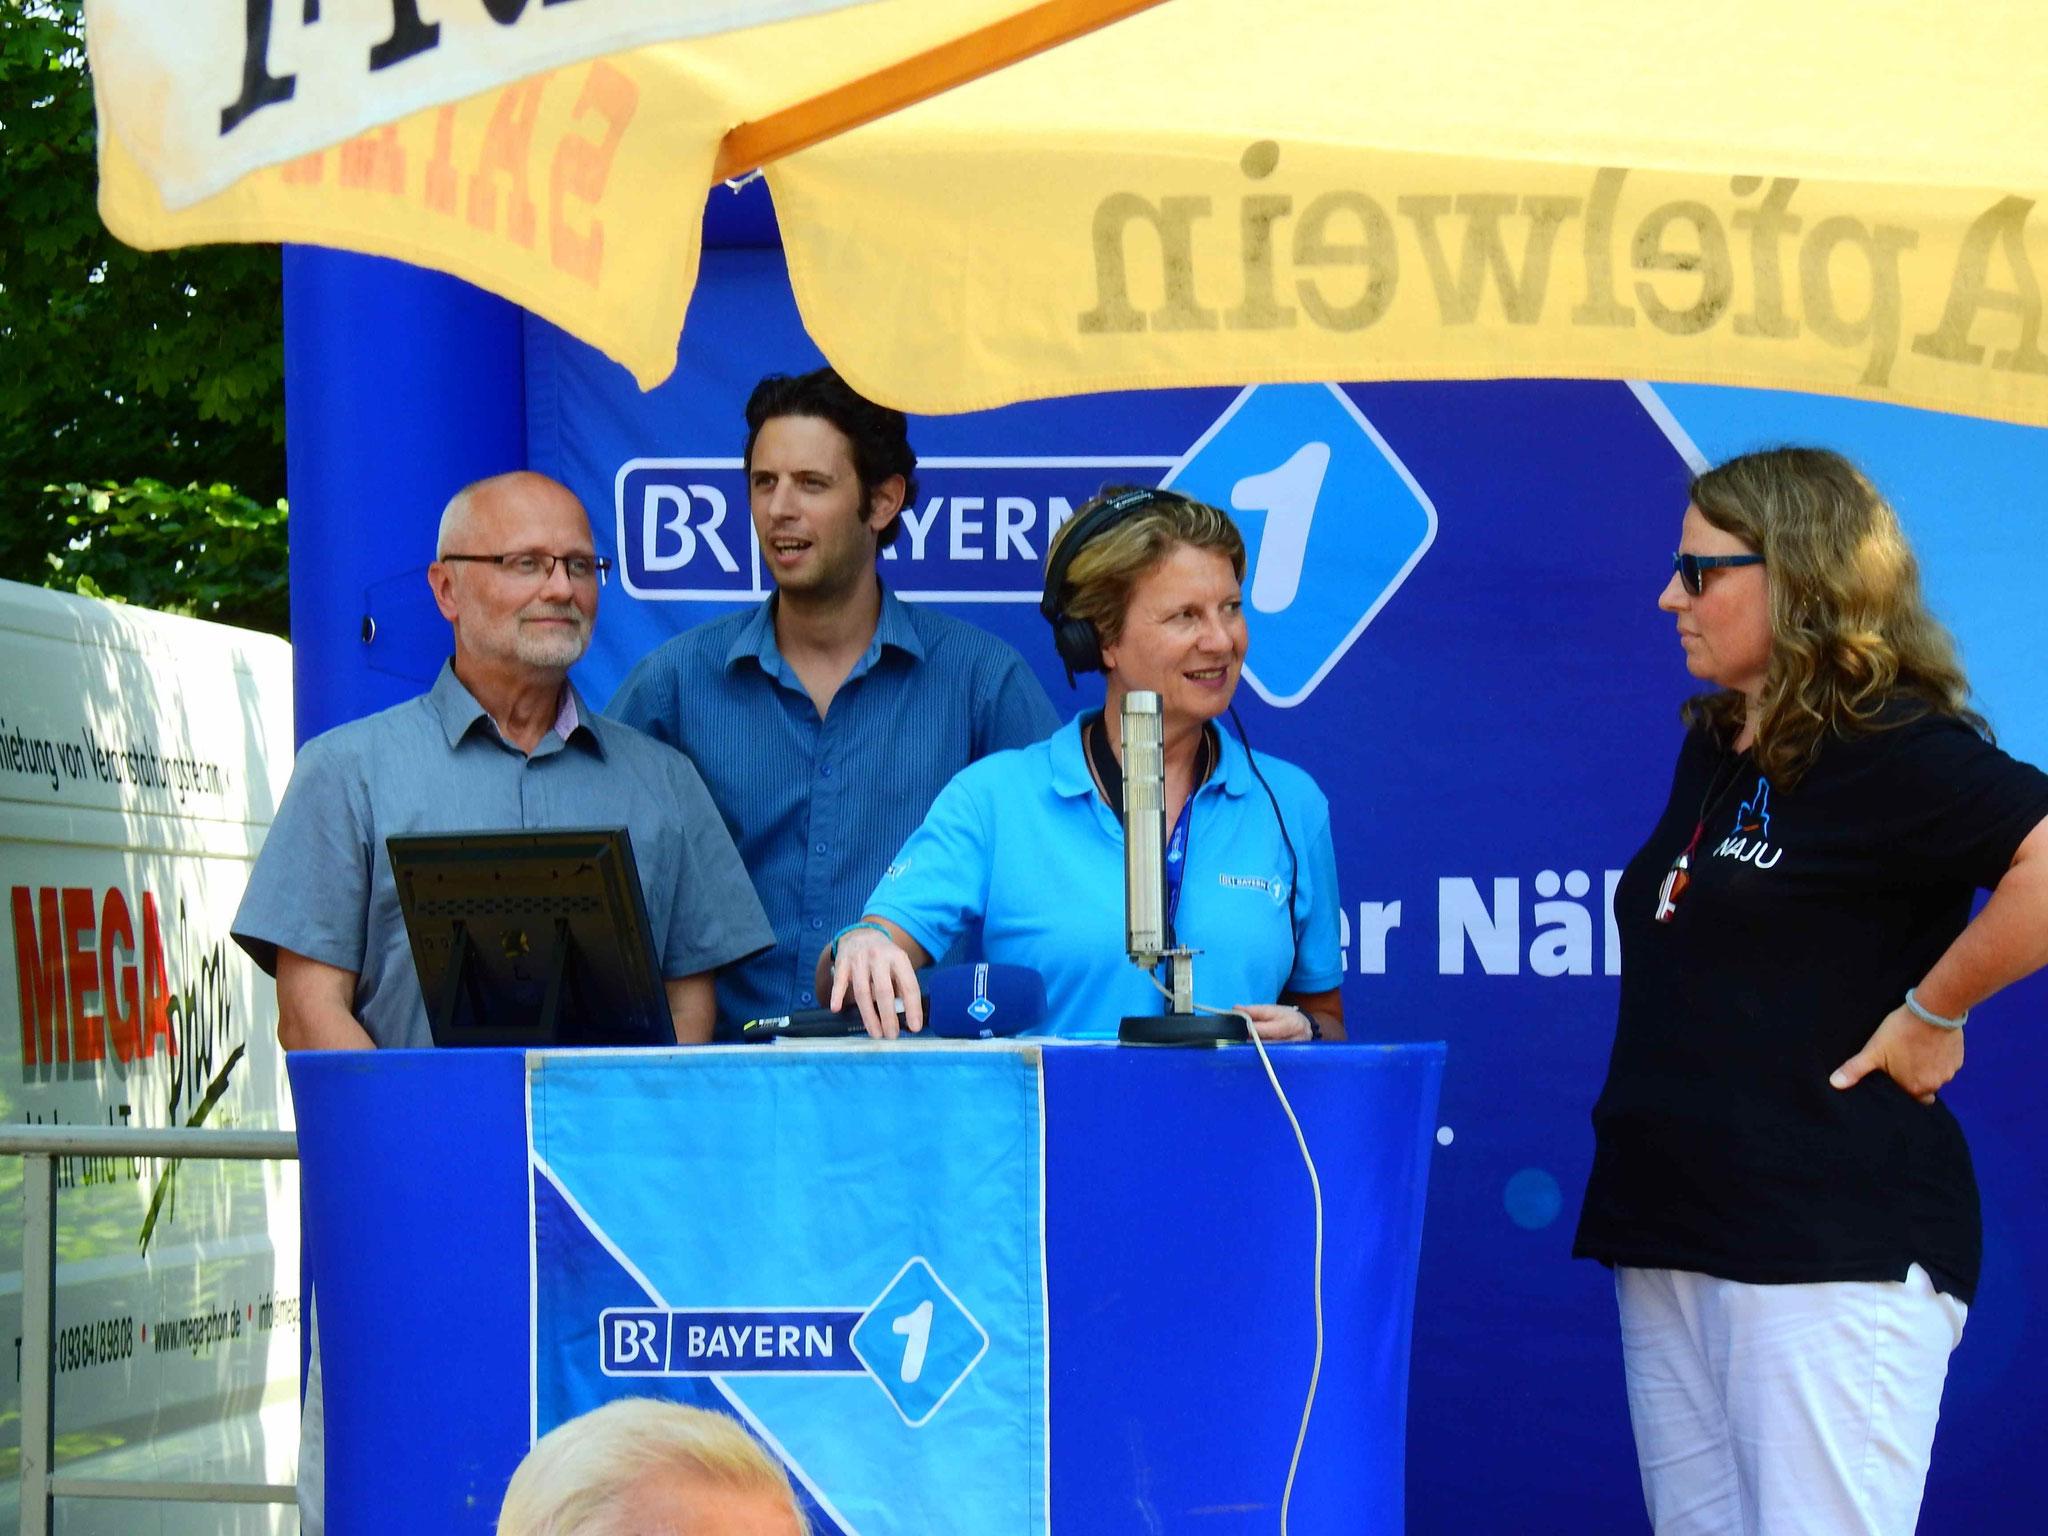 Richard Kalkbrenner, Daniel Feldmann und Meike Kempermann auf der BR-Bühne